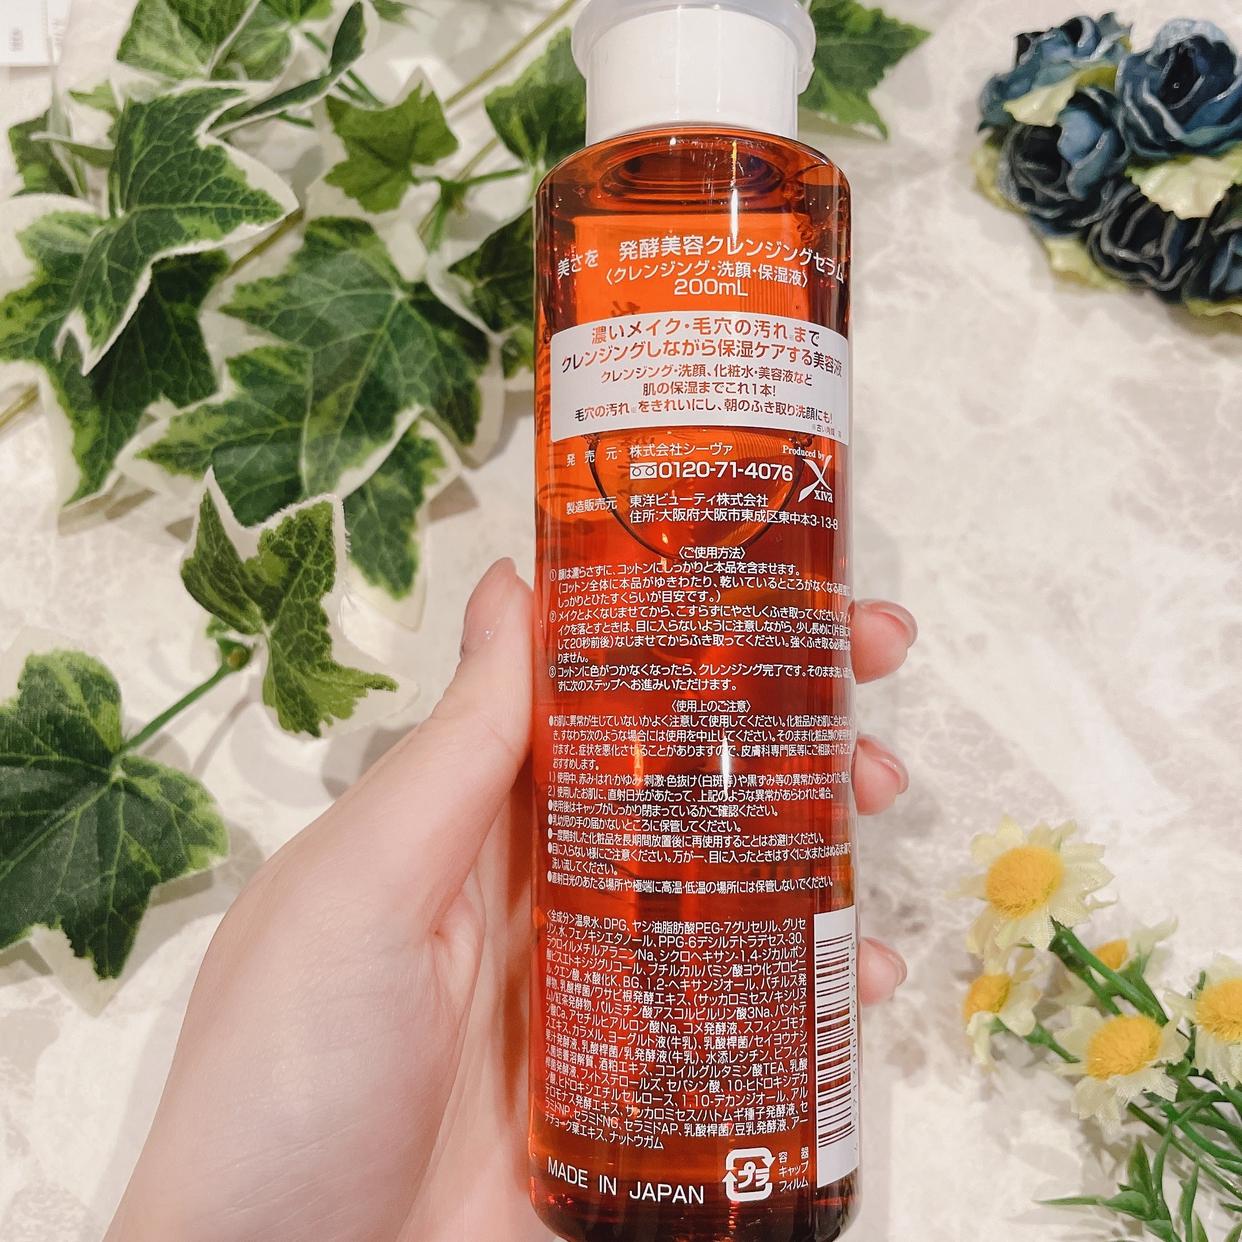 シーヴァ 美さを 発酵美容クレンジングセラムを使ったひとみんさんのクチコミ画像3